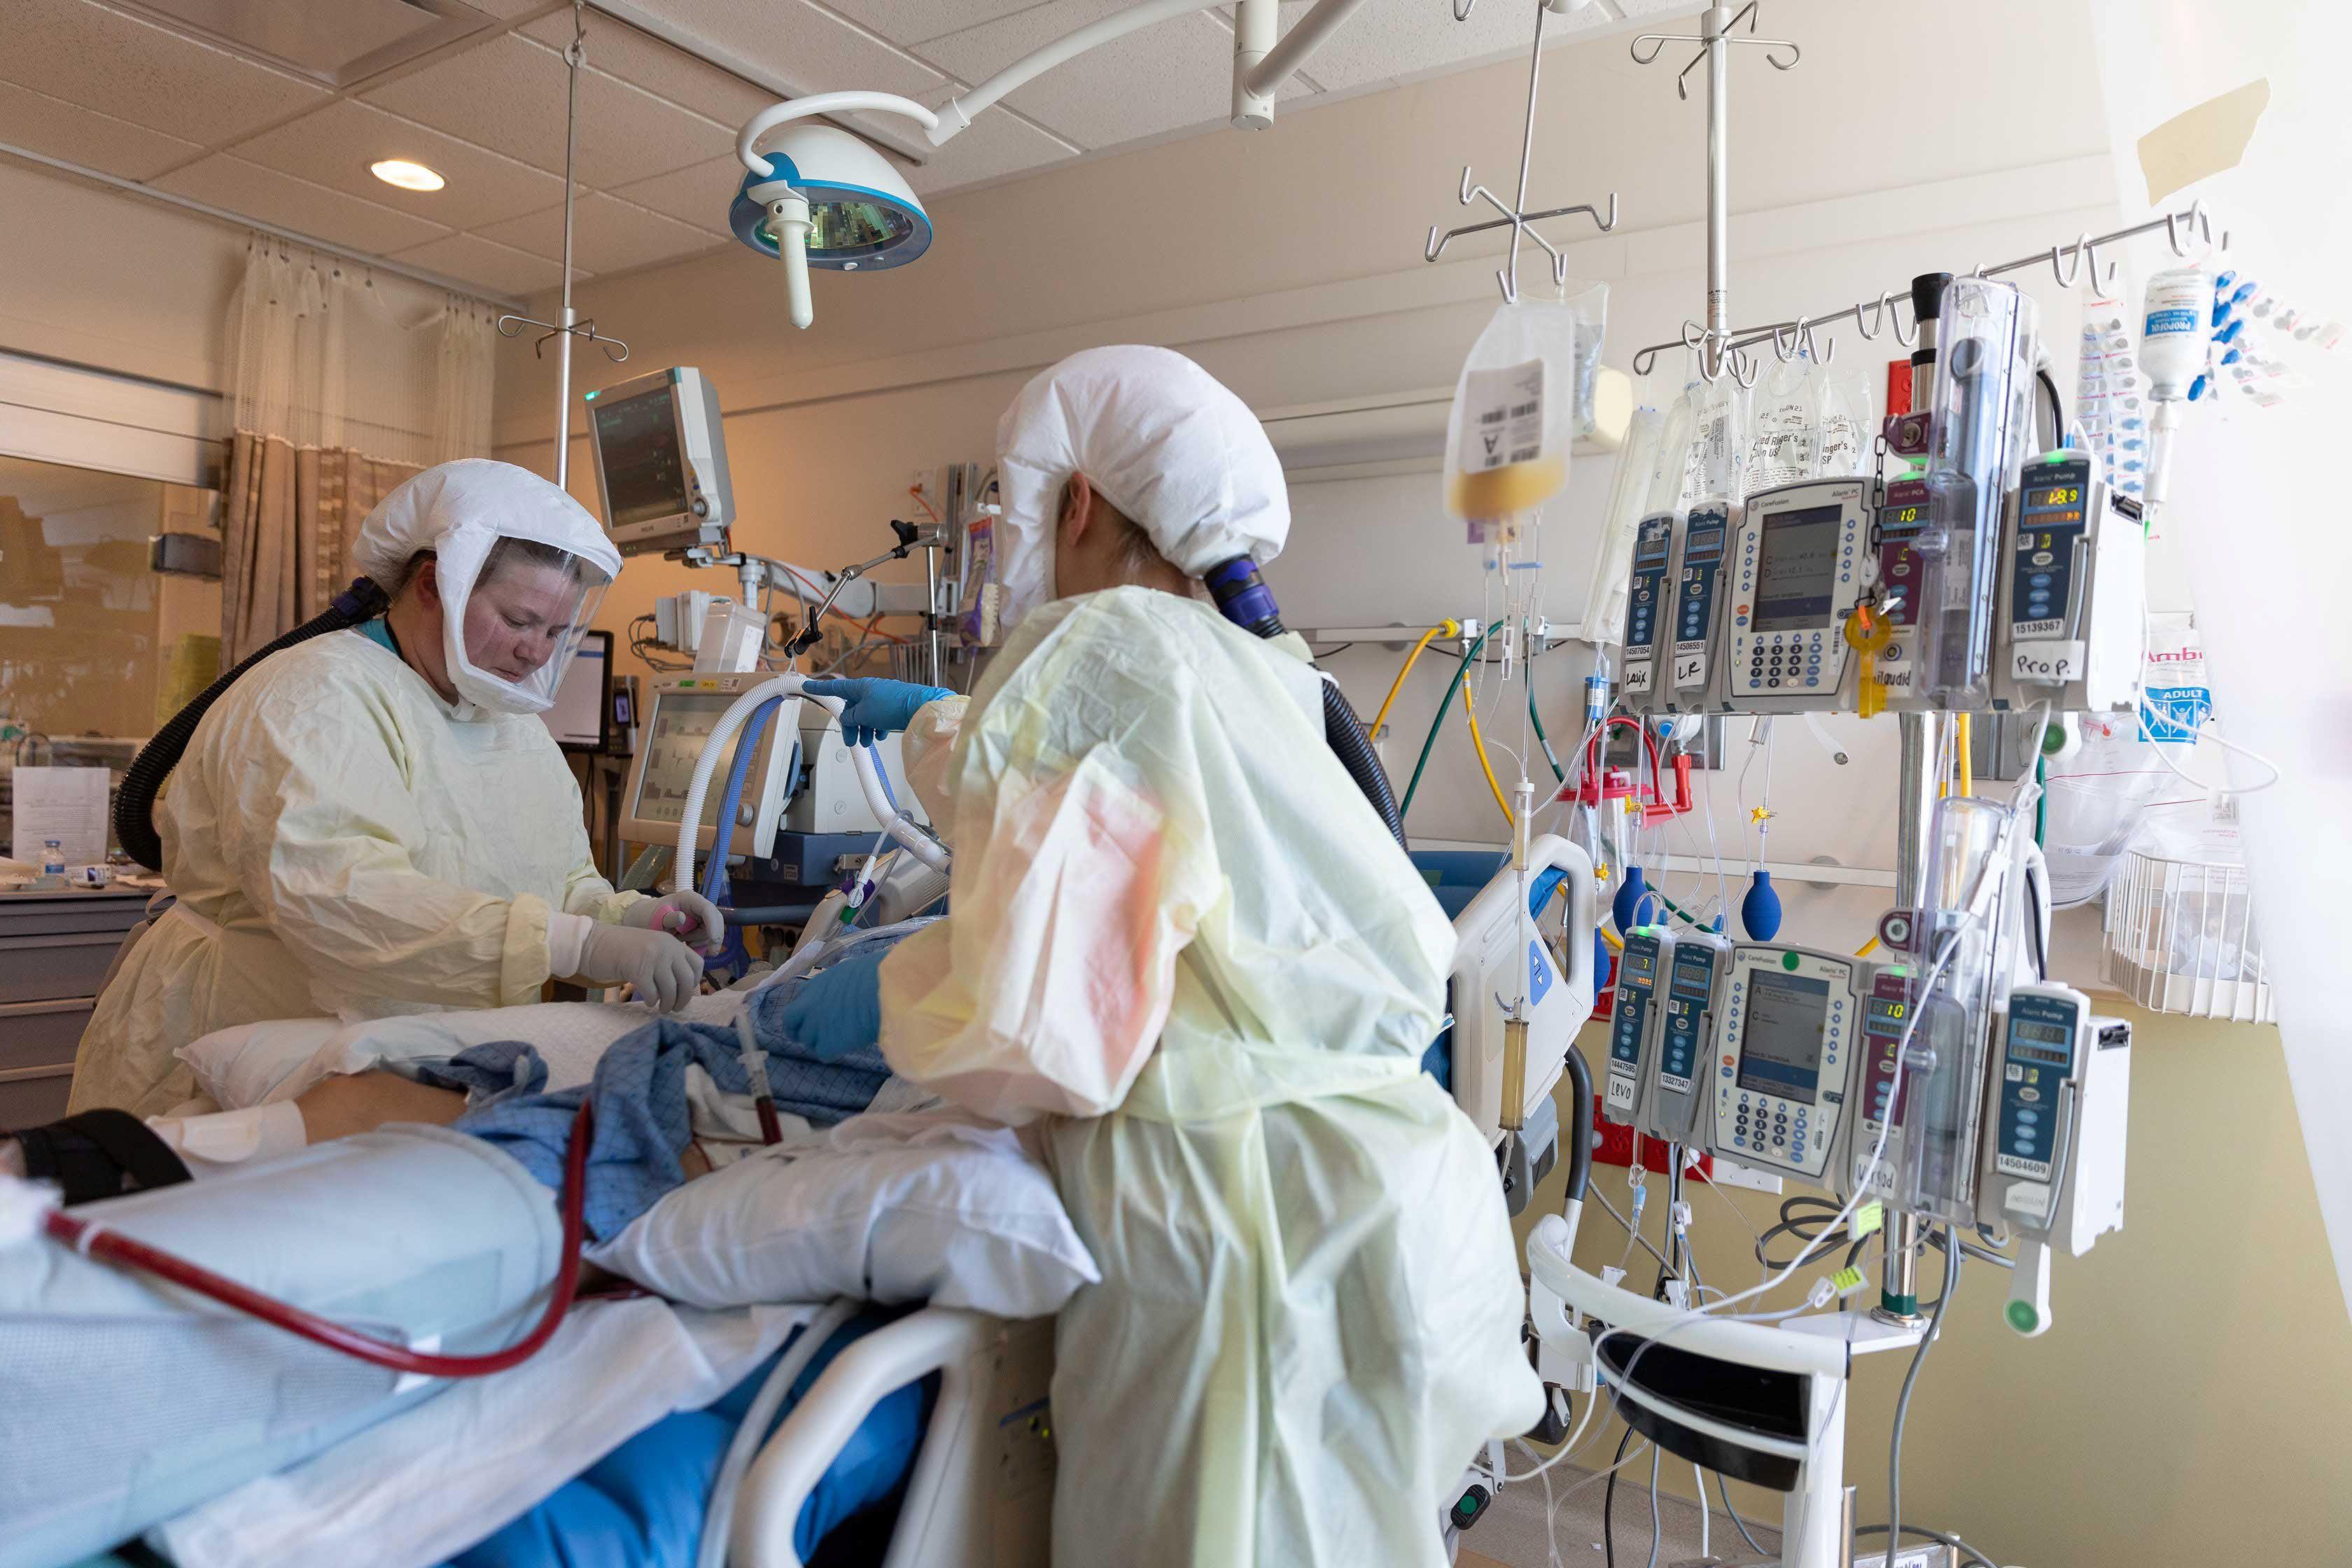 EEUU sigue sumando infectados y muertes por COVID en su tercera ola  (REUTERS)